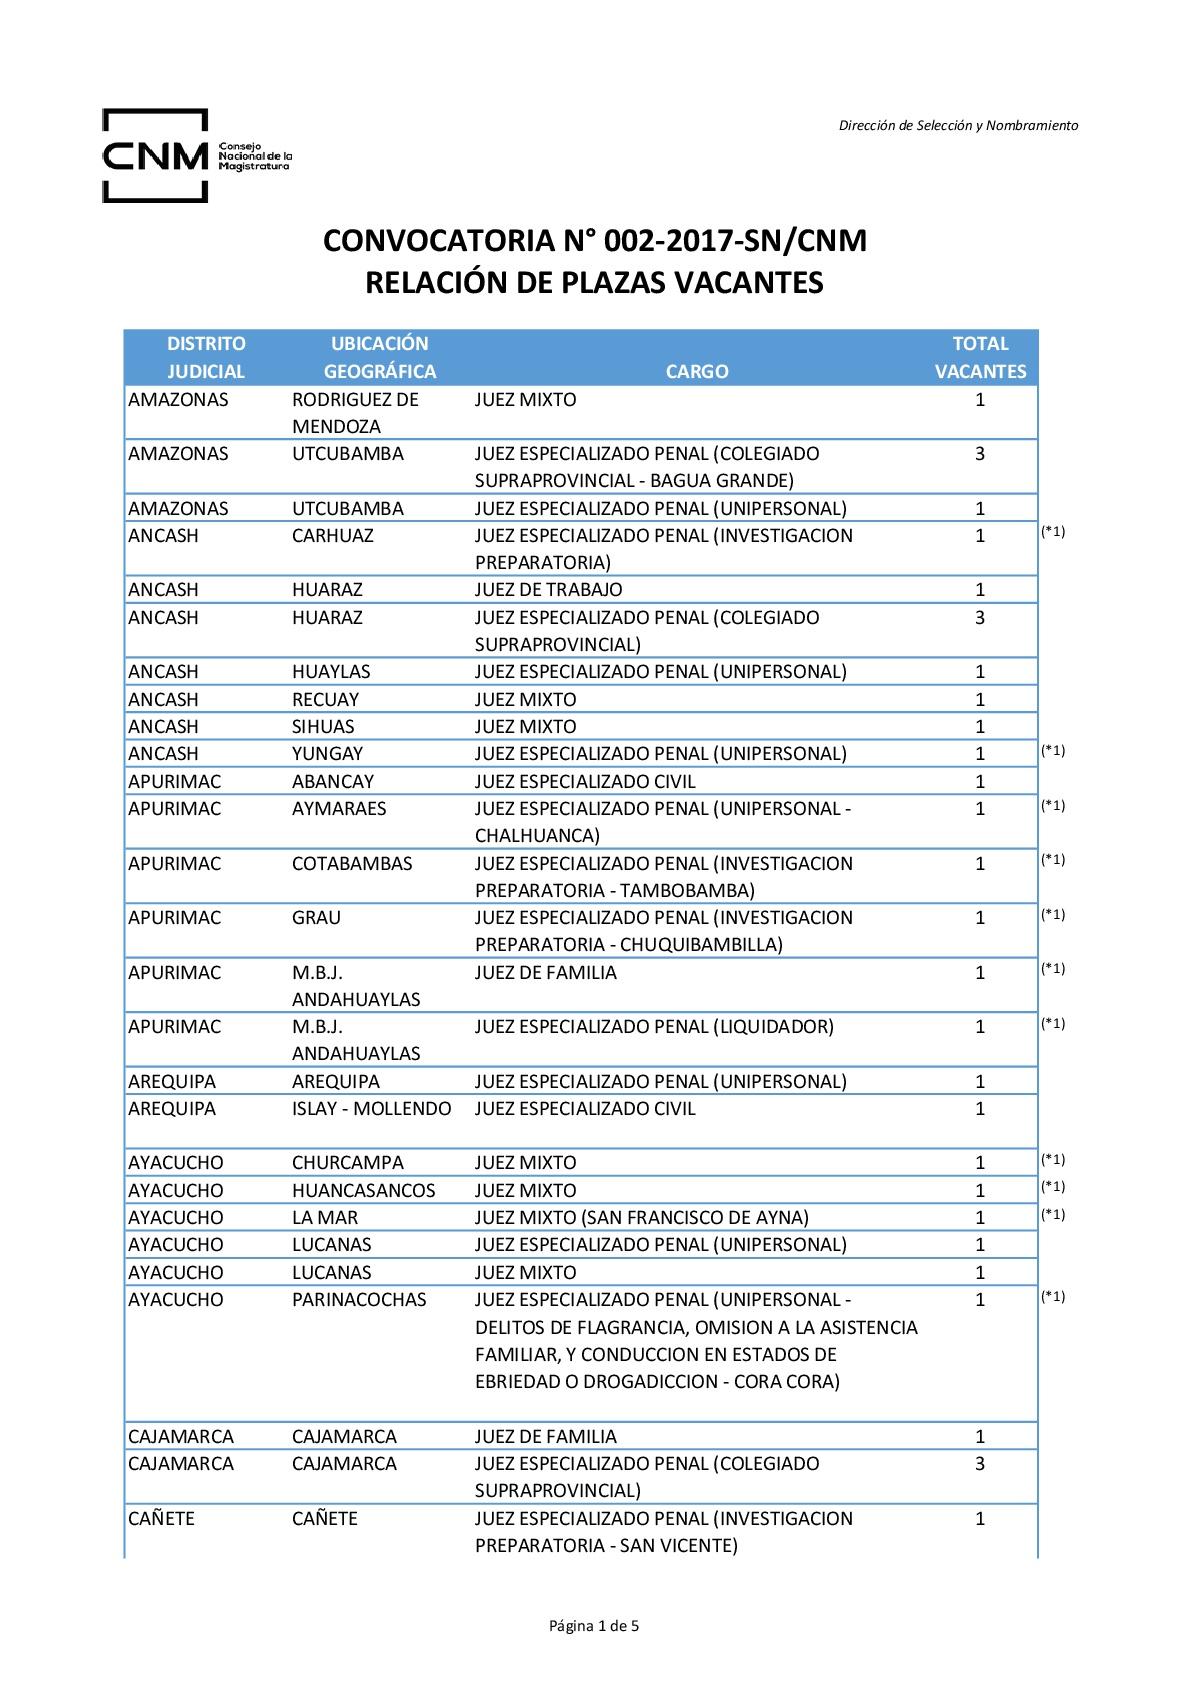 Plazas-vacantes-002-2017-CNM-Legis.pe-001